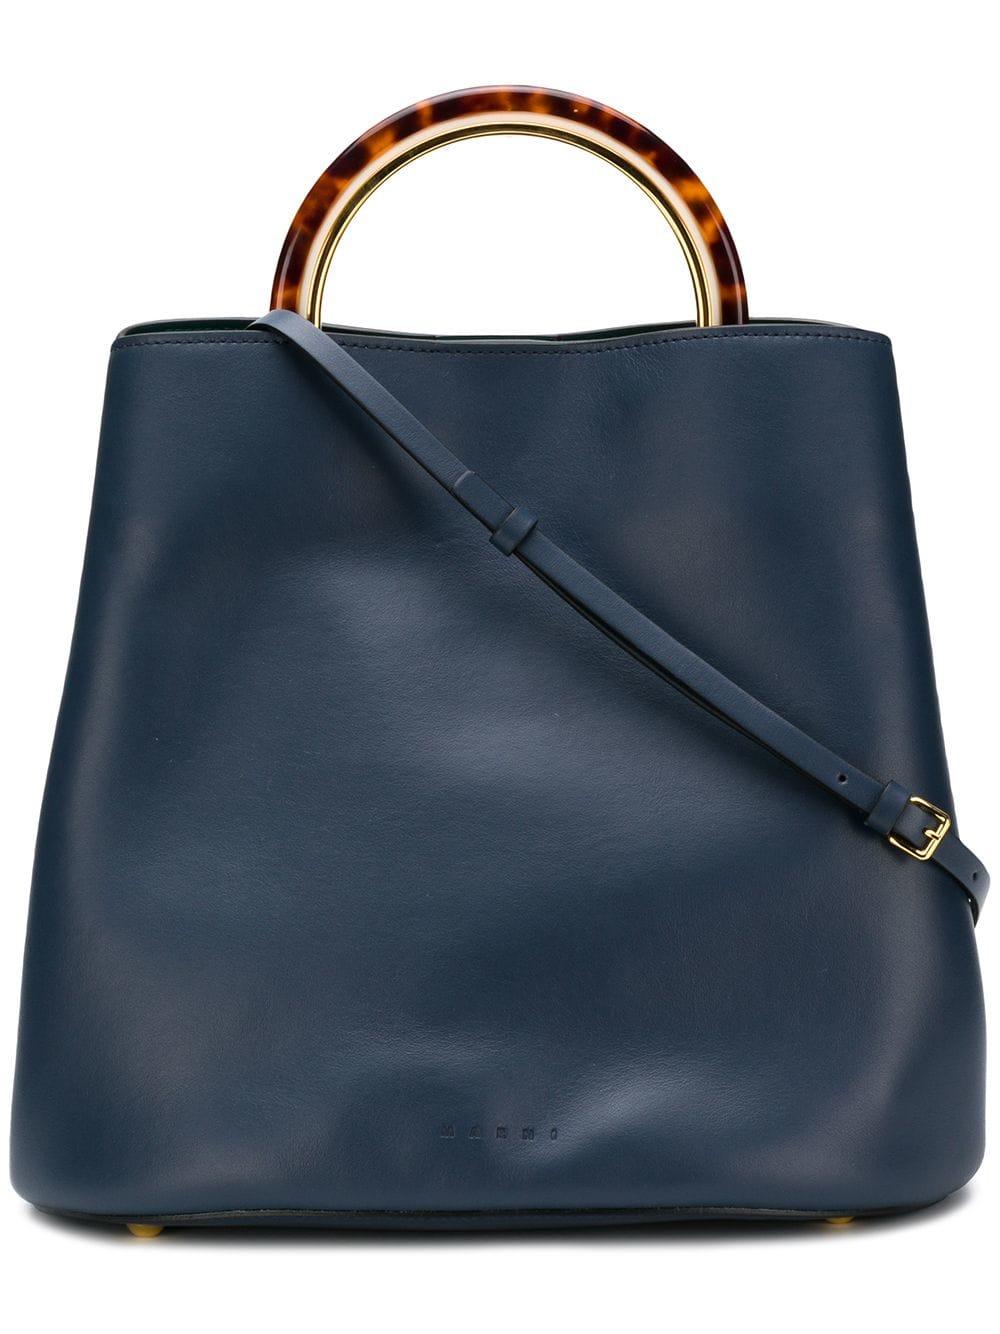 Marni Mittelgroße 'Panier' Handtasche - Blau